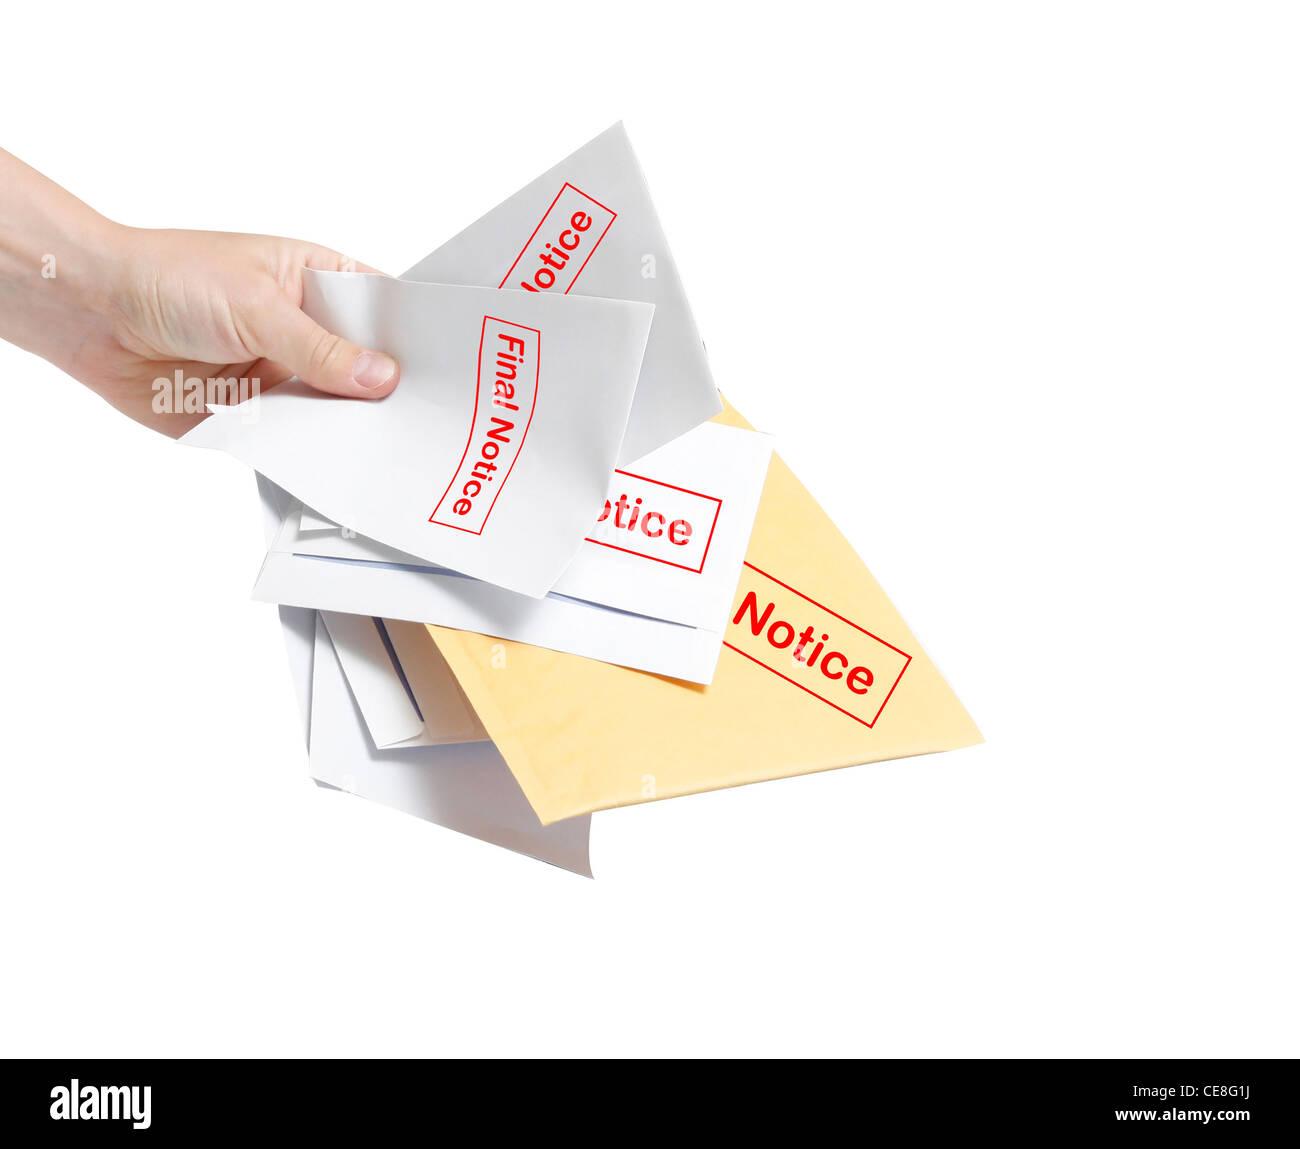 Final notice bills - Stock Image